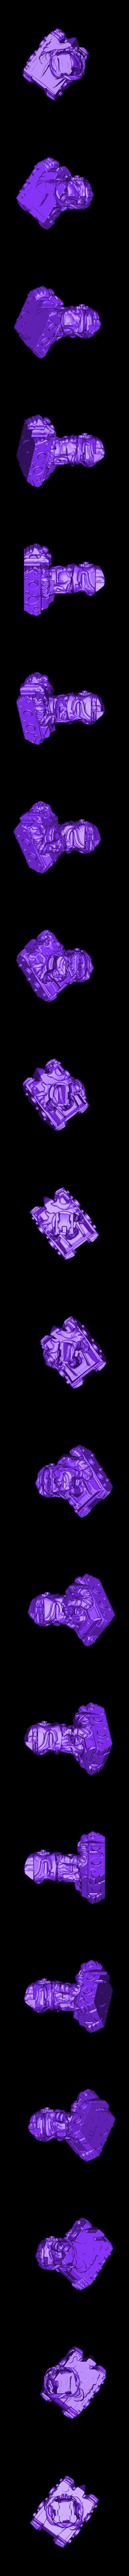 Tank.stl Télécharger fichier STL gratuit Giant Alien Tank attaque la ville ! • Plan pour imprimante 3D, wally3Dprinter